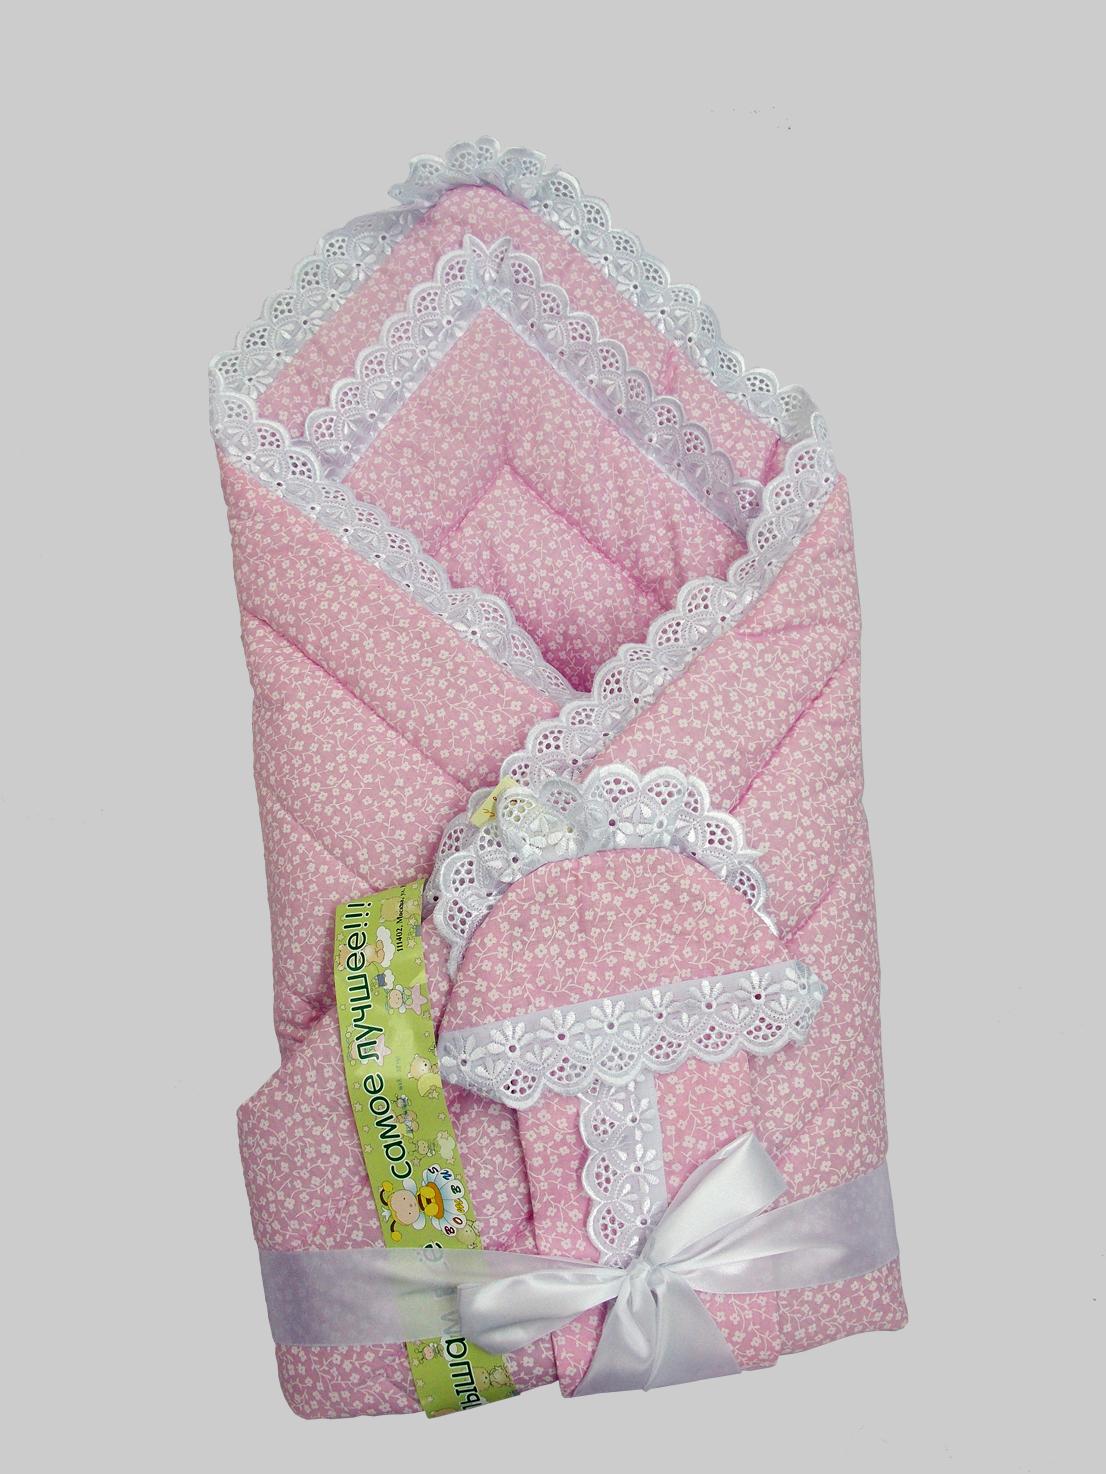 Одеяло на выписку - Фунтик, 4 предмета, розовоеКомплекты на выписку<br>Одеяло на выписку - Фунтик, 4 предмета, розовое<br>